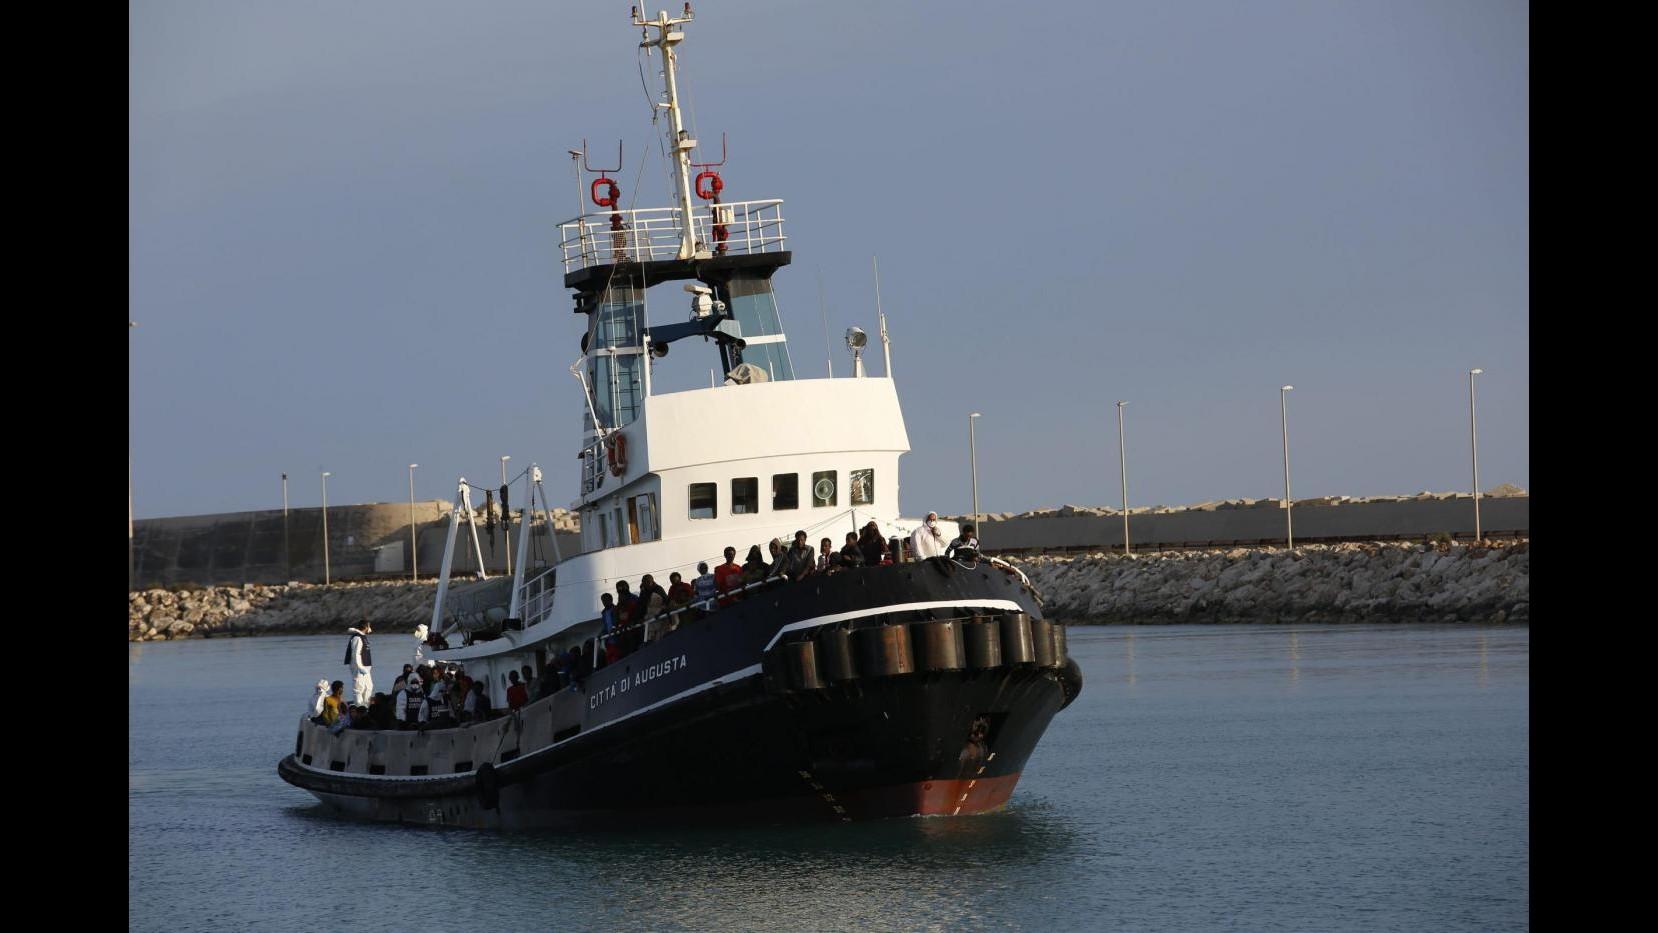 Sbarchi, lanciati soccorsi per aiutare 10 barconi. Onu: 1.500 a bordo